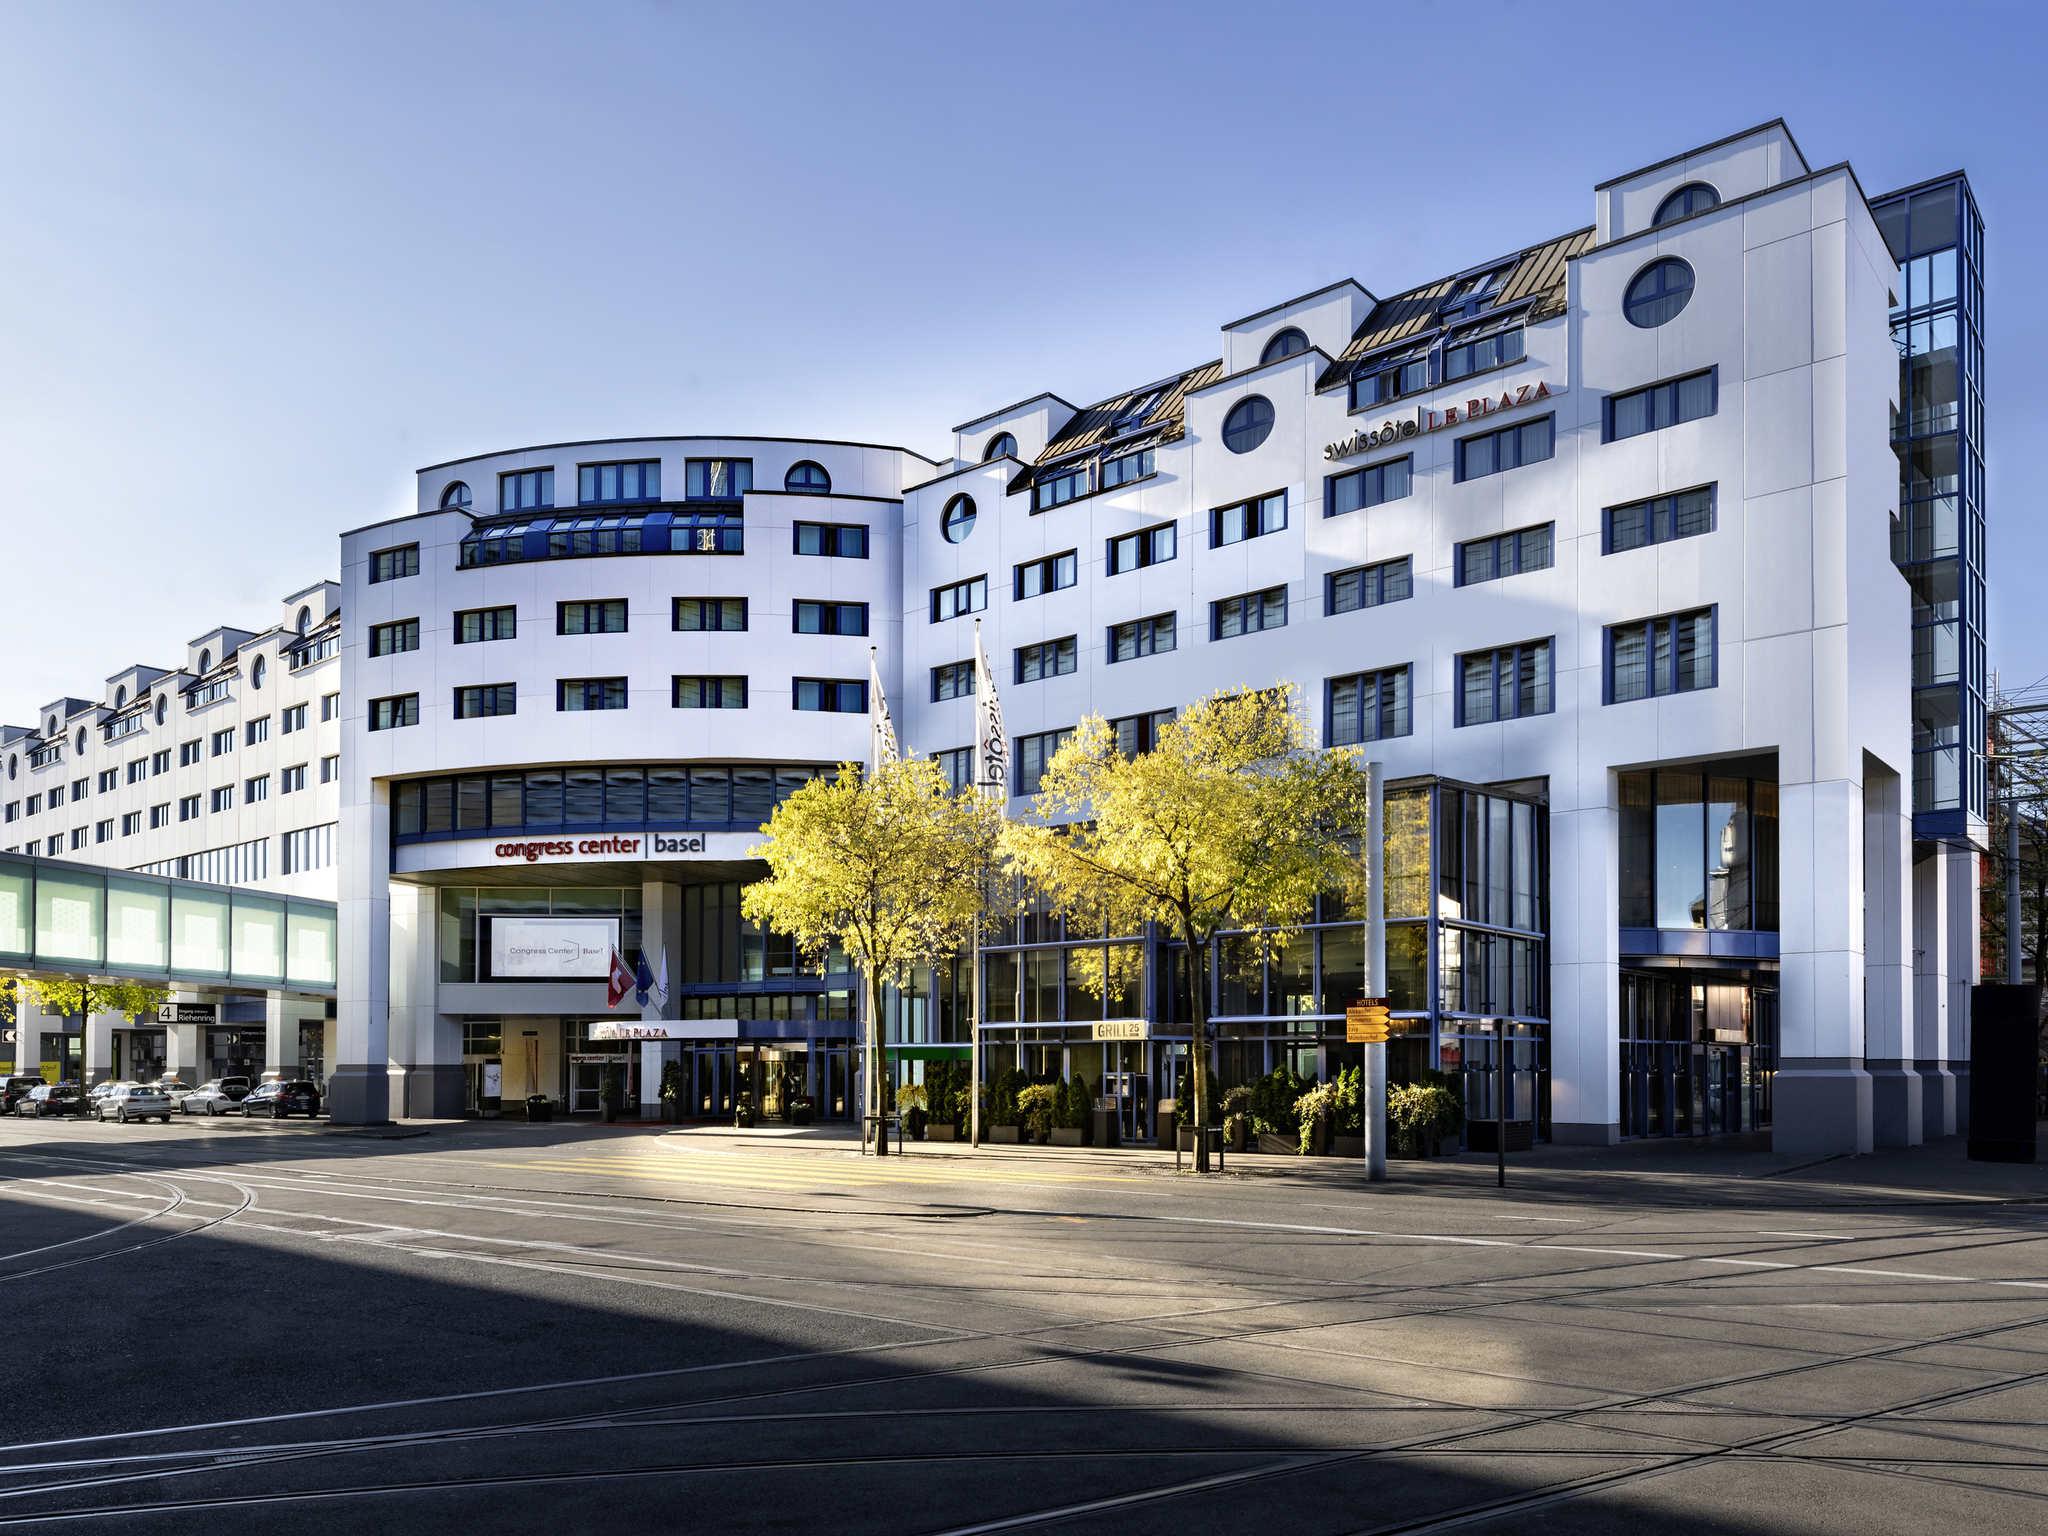 酒店 – 广场瑞士酒店